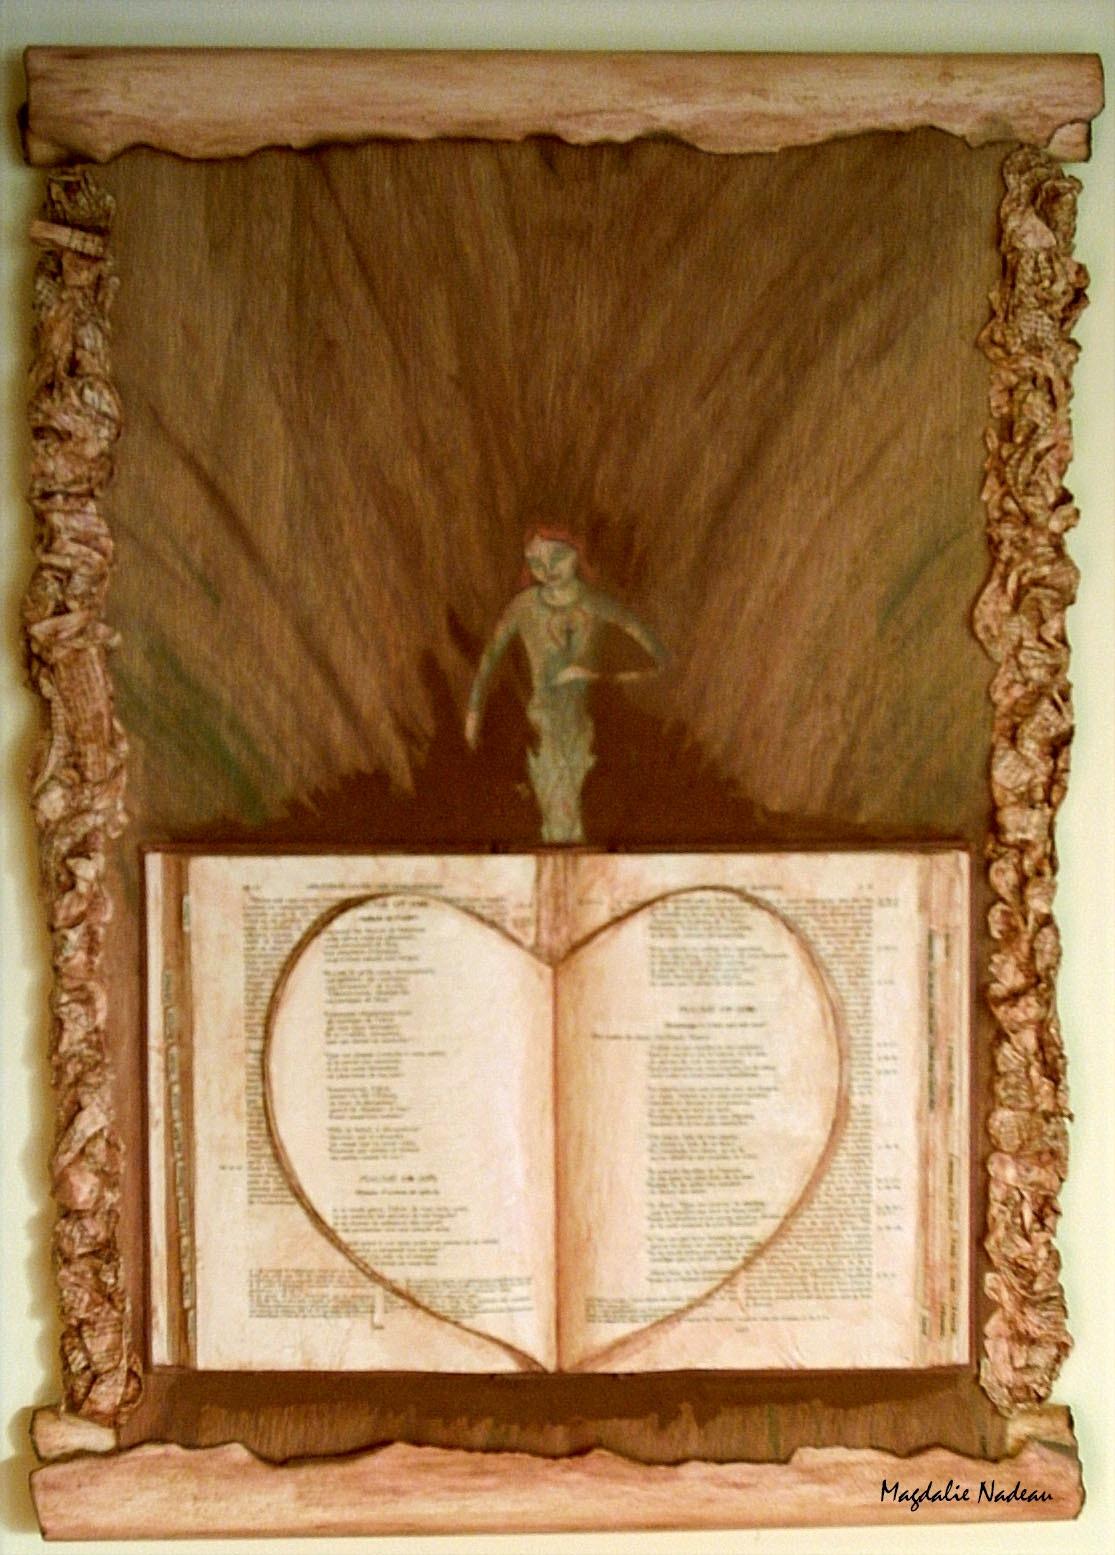 Voici la Bible qui a donné de ses pages